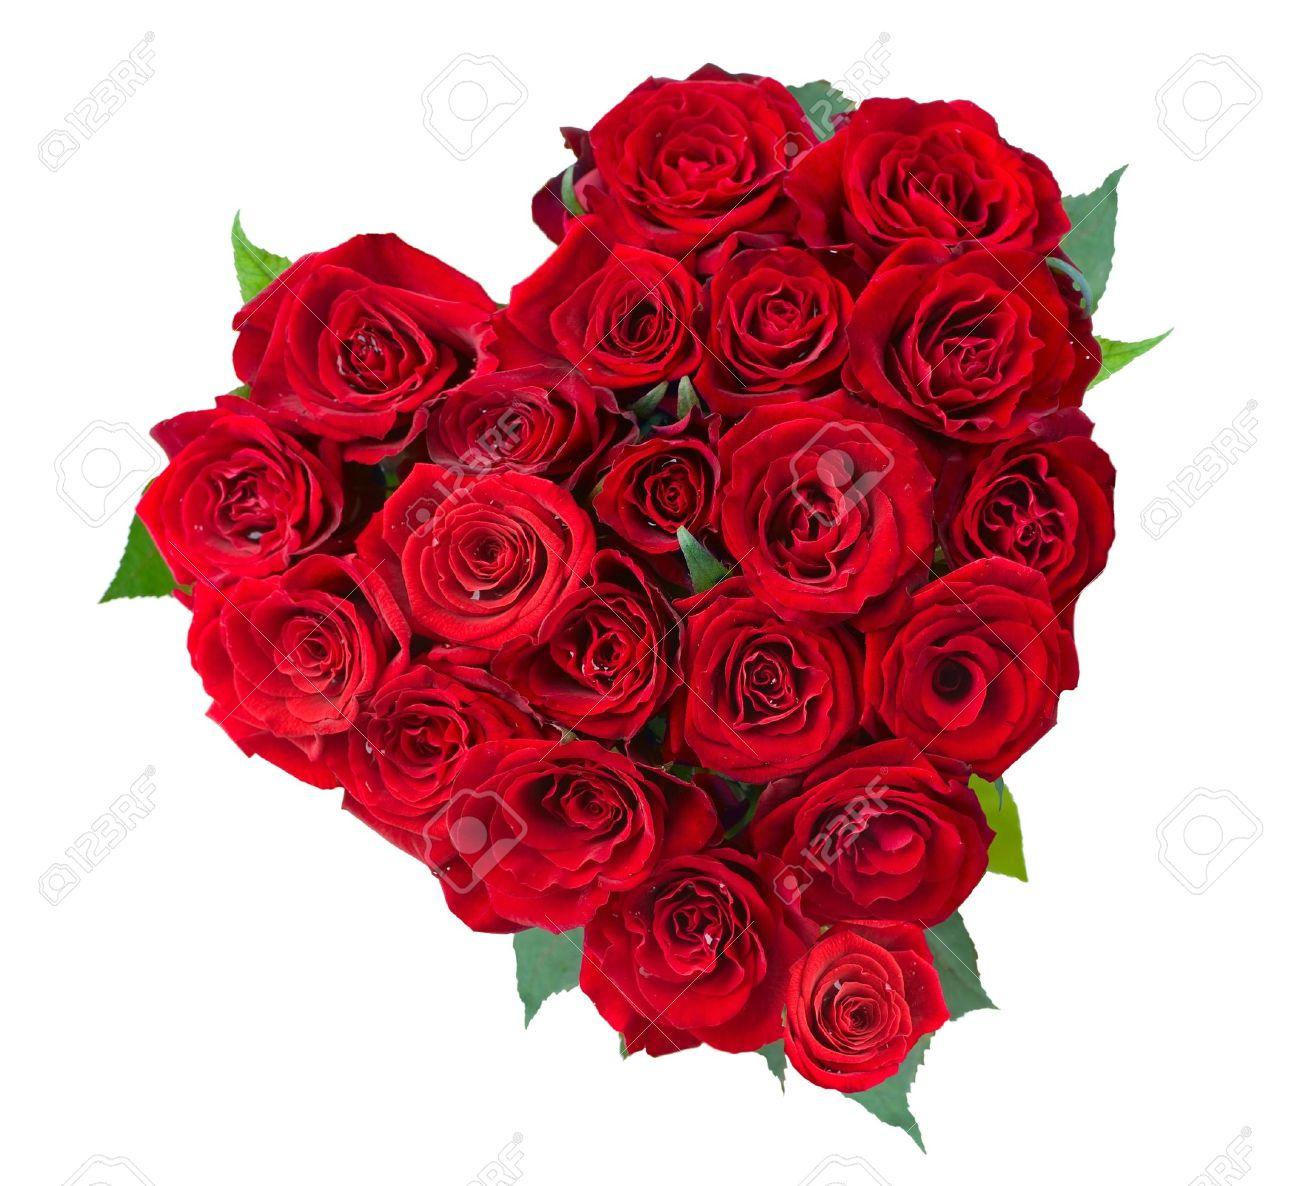 rose flowers heart over